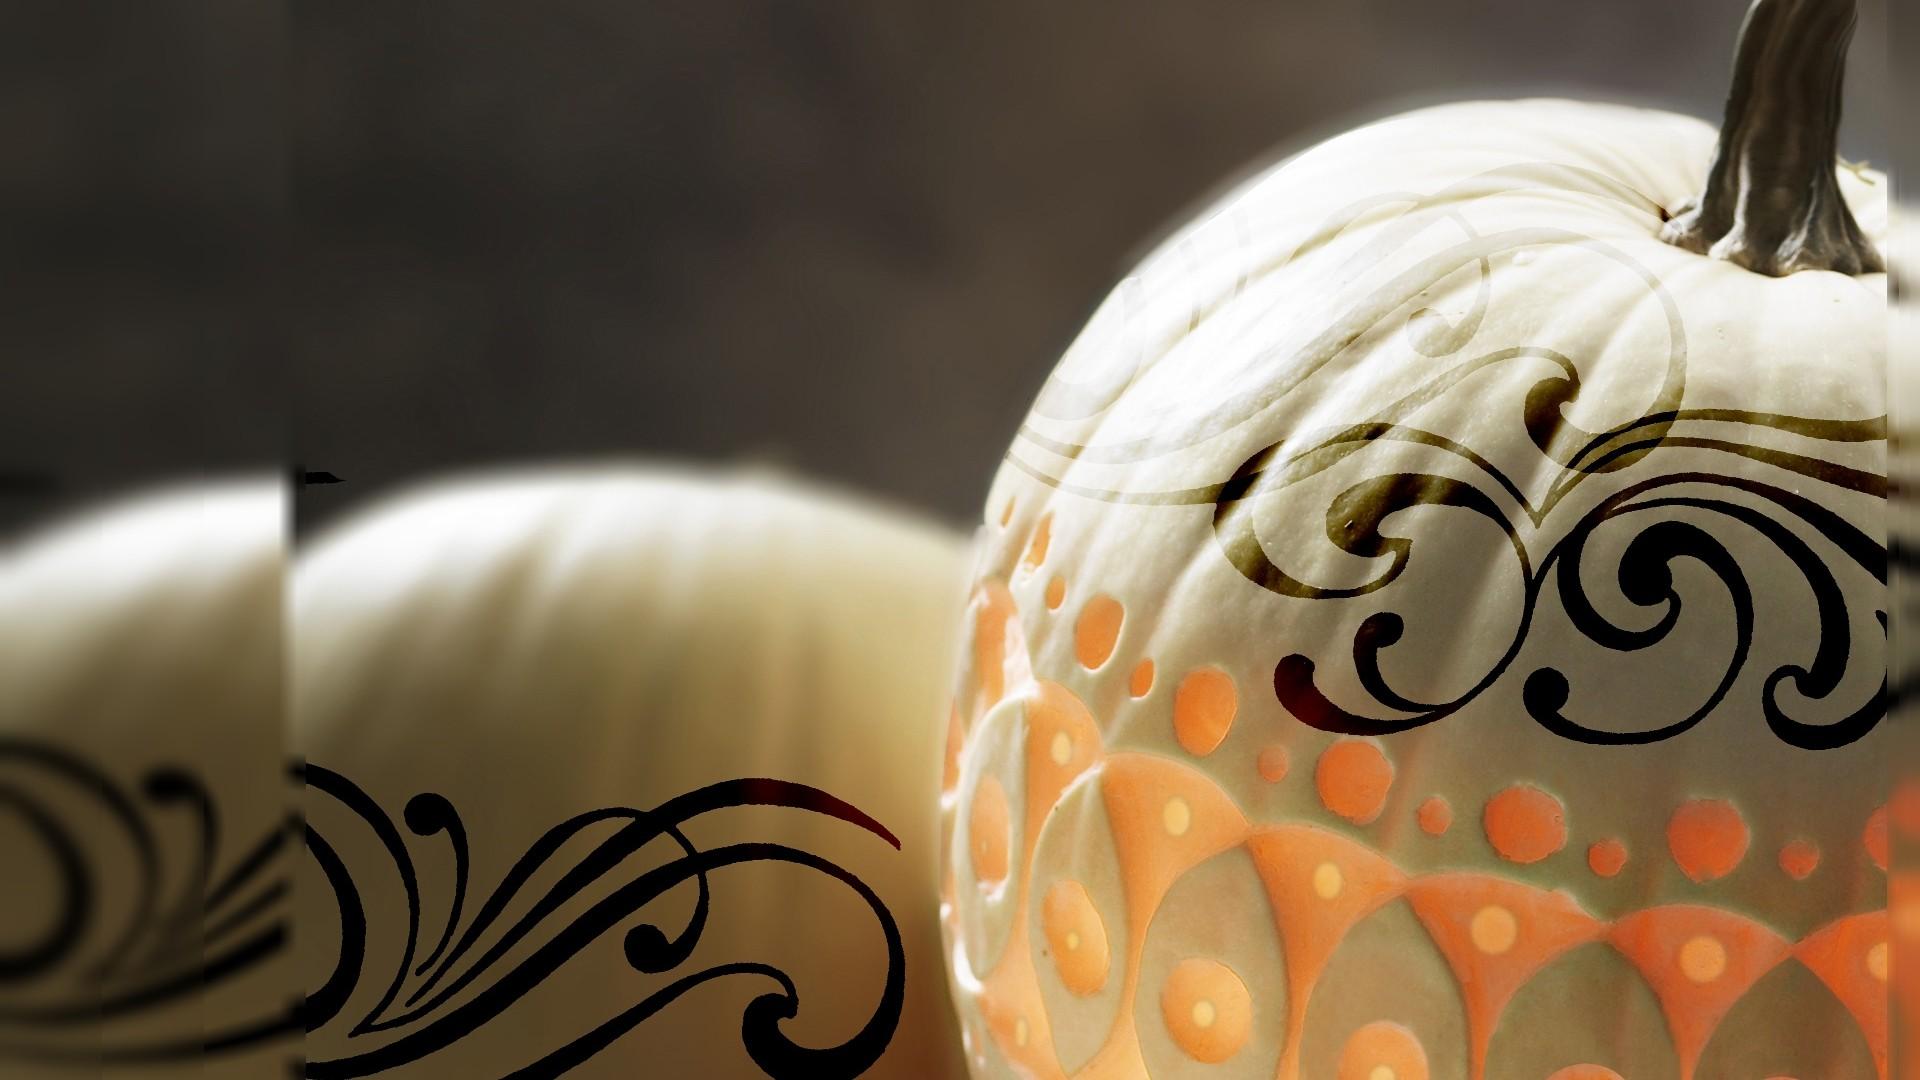 Autumn Pumpkin Wallpaper | wallpaper, wallpaper hd, background desktop